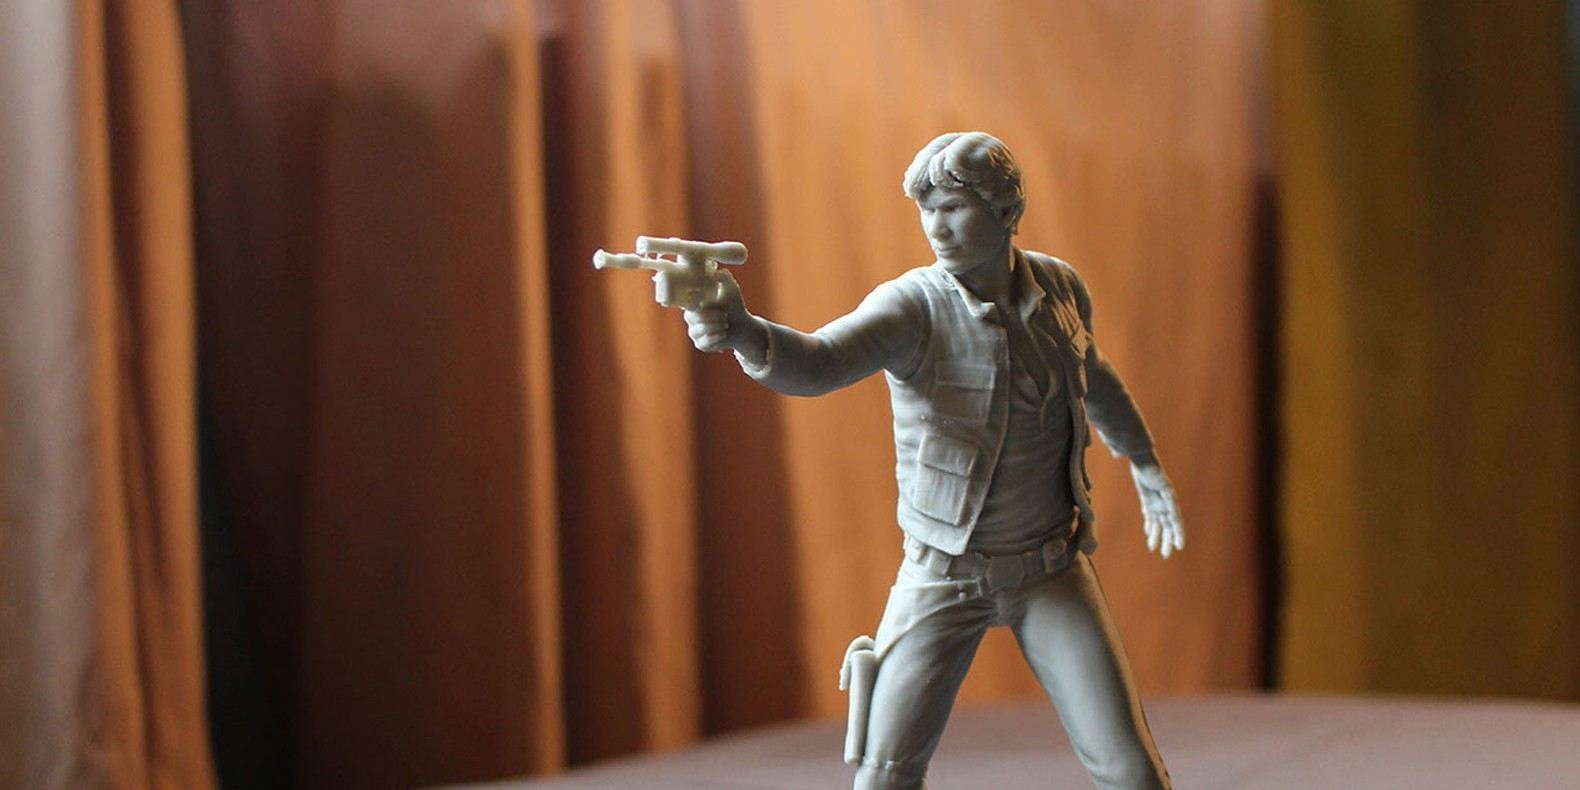 Retrouvez ici une sélection des meilleurs modèles 3D de Star Wars imprimables en 3D